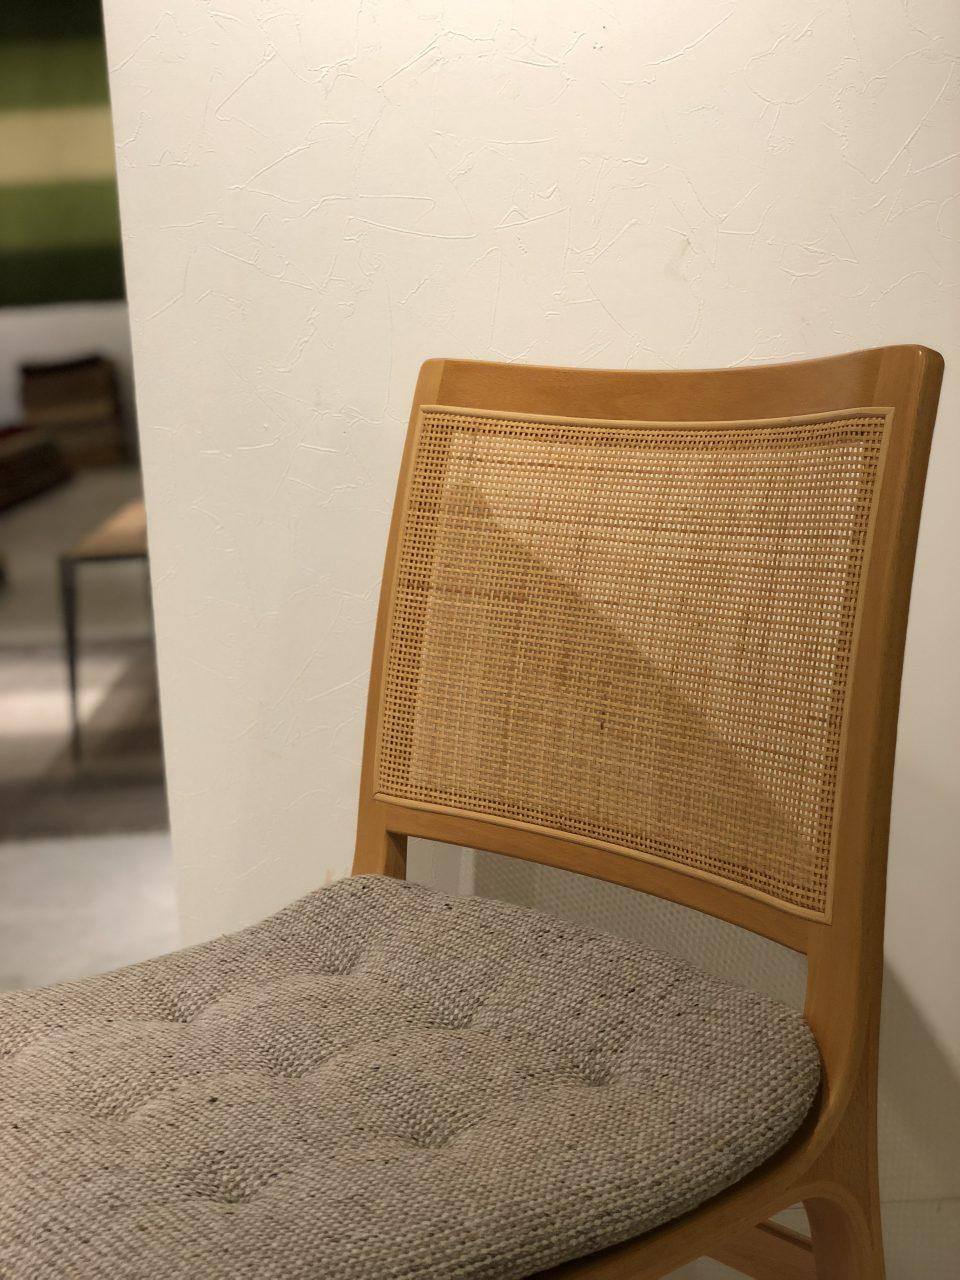 ブルーノ・マットソンデザインのダイニングチェアは、背の部分が籐で編まれています